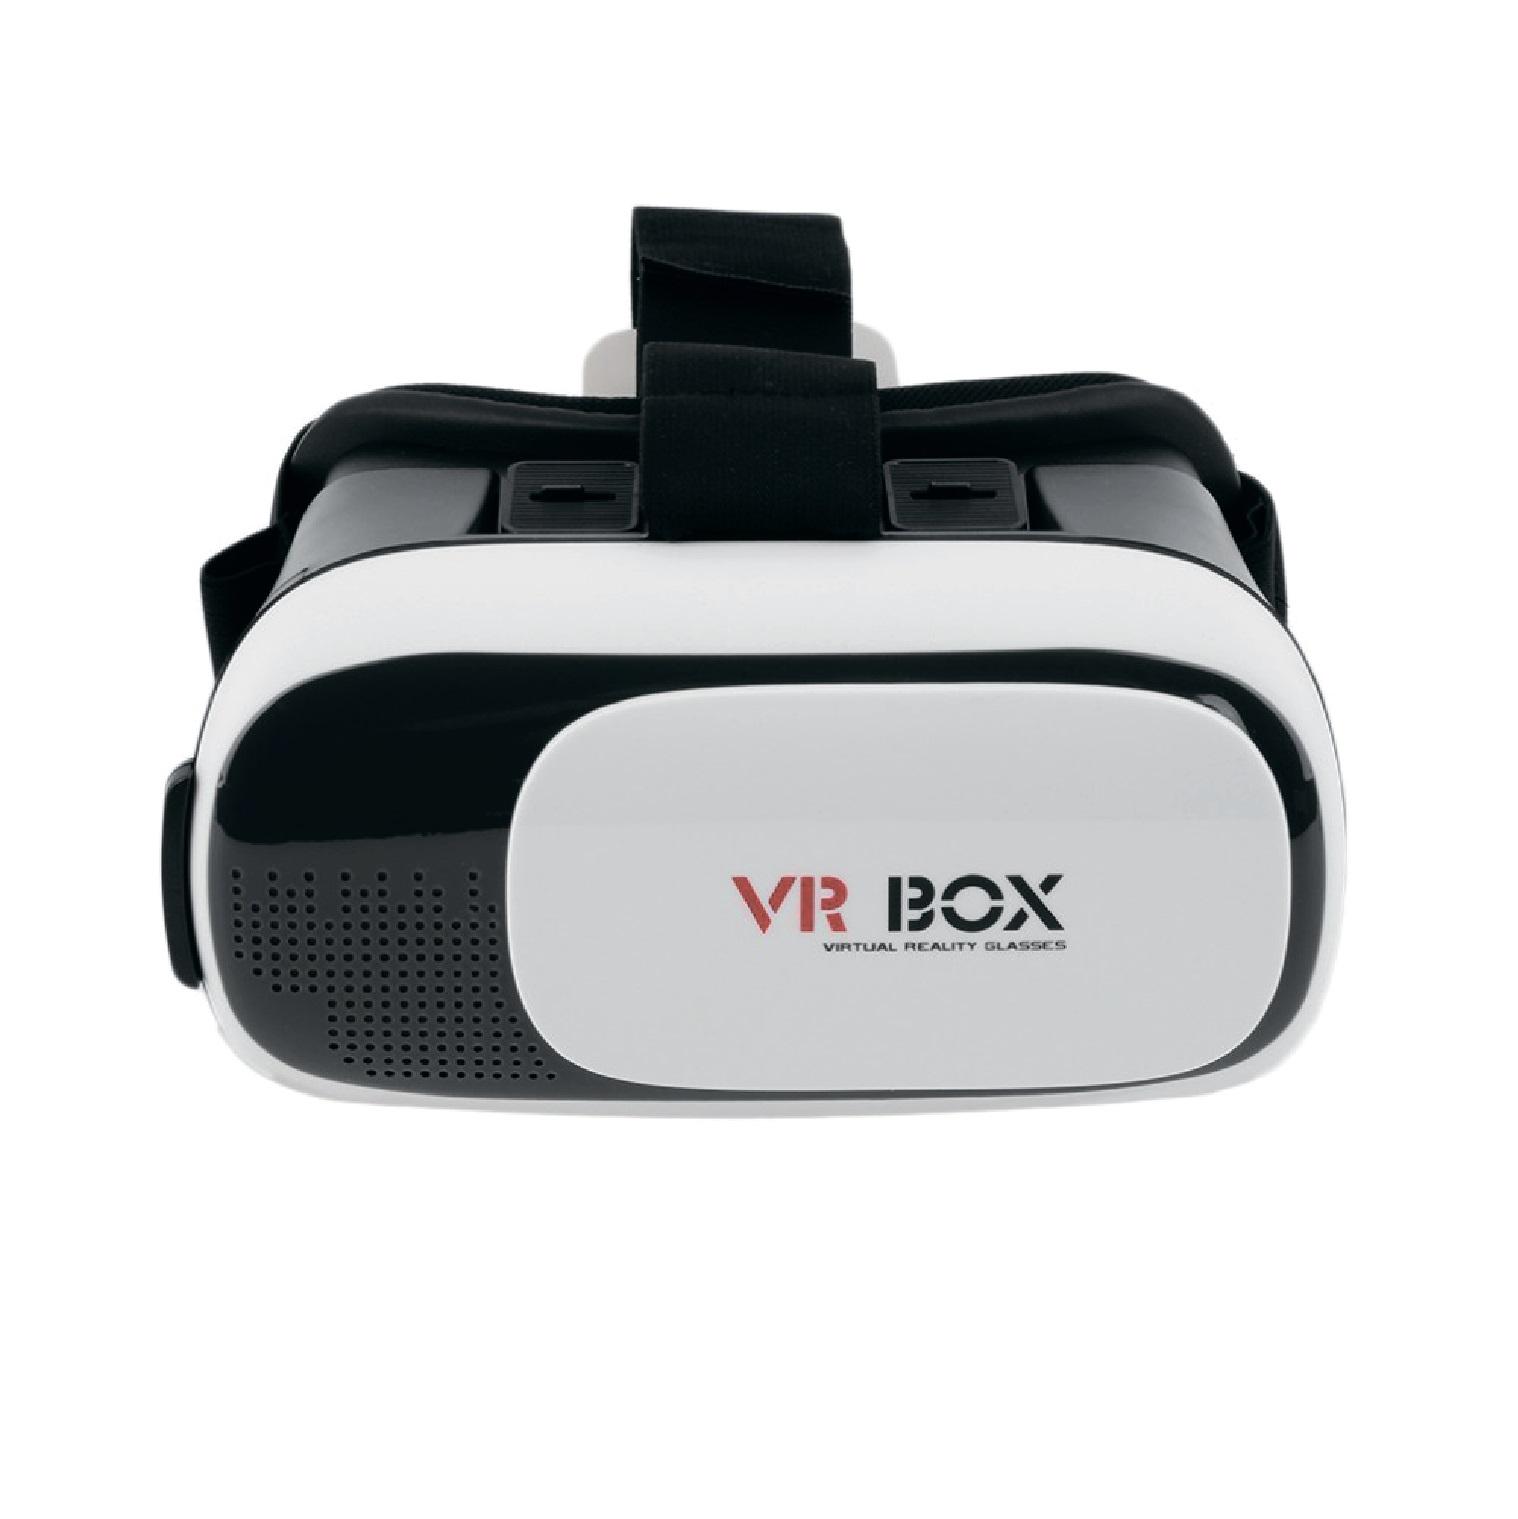 VR 3D очки виртуальной реальности Red Line VR BoxОчки-шлем Red Line VR Box позволит вам погрузиться в виртуальную реальность используя в качестве дисплея смартфон, будь то устройство под управлением операционных систем Android, iOs или Windows.<br>